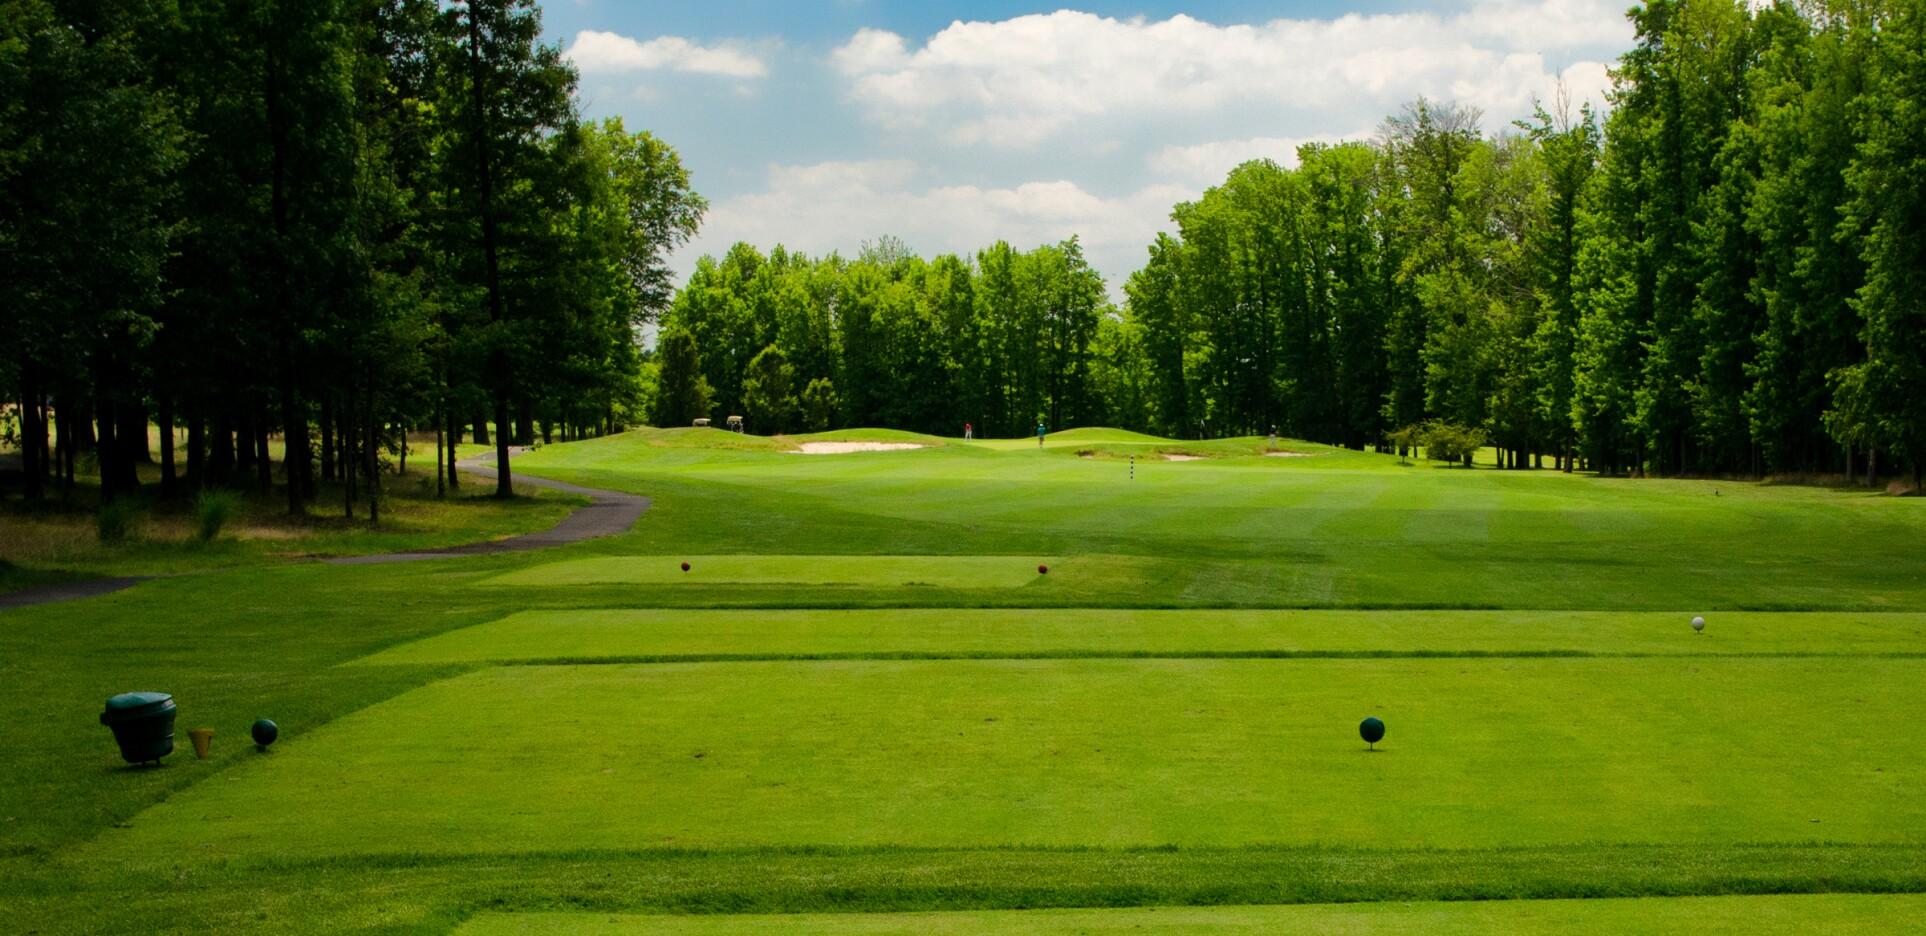 Hole 5 at Hyatt Hills Golf Complex